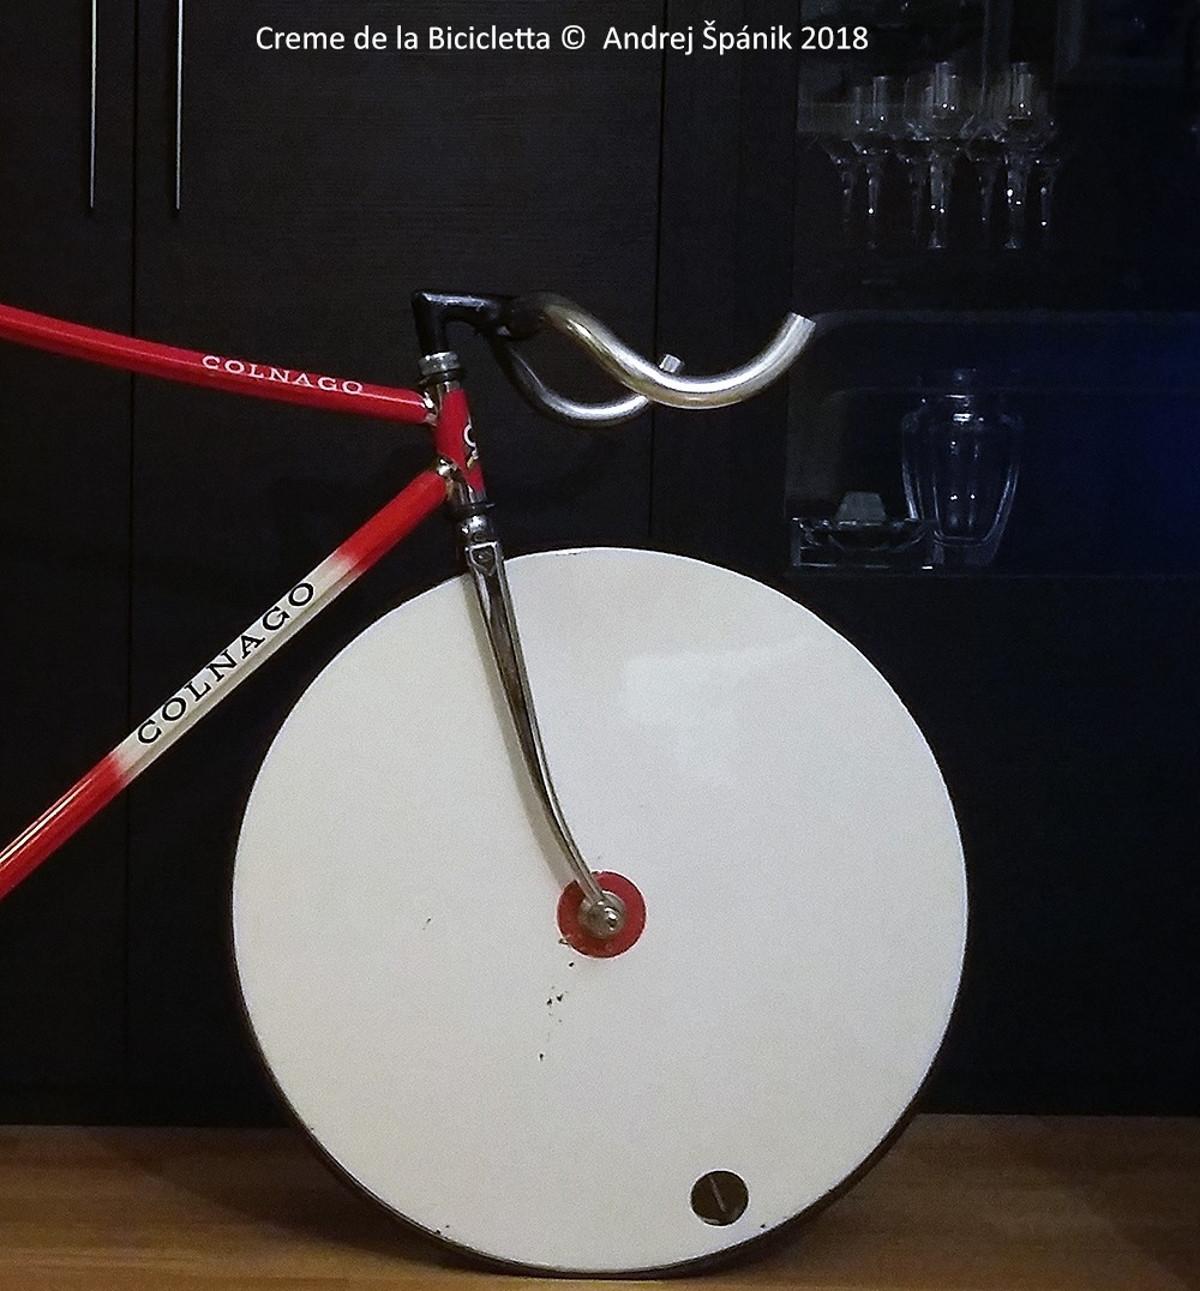 Colnago Master Krono Pista - dráhový špeciál vyrobený na zákazku pre tím ZSSR koncom 80. rokov. Columbus Gilco S4 profilované rúrky pre zvýšenie torznej tuhosti, vyrobené desiatky kusov celkovo.